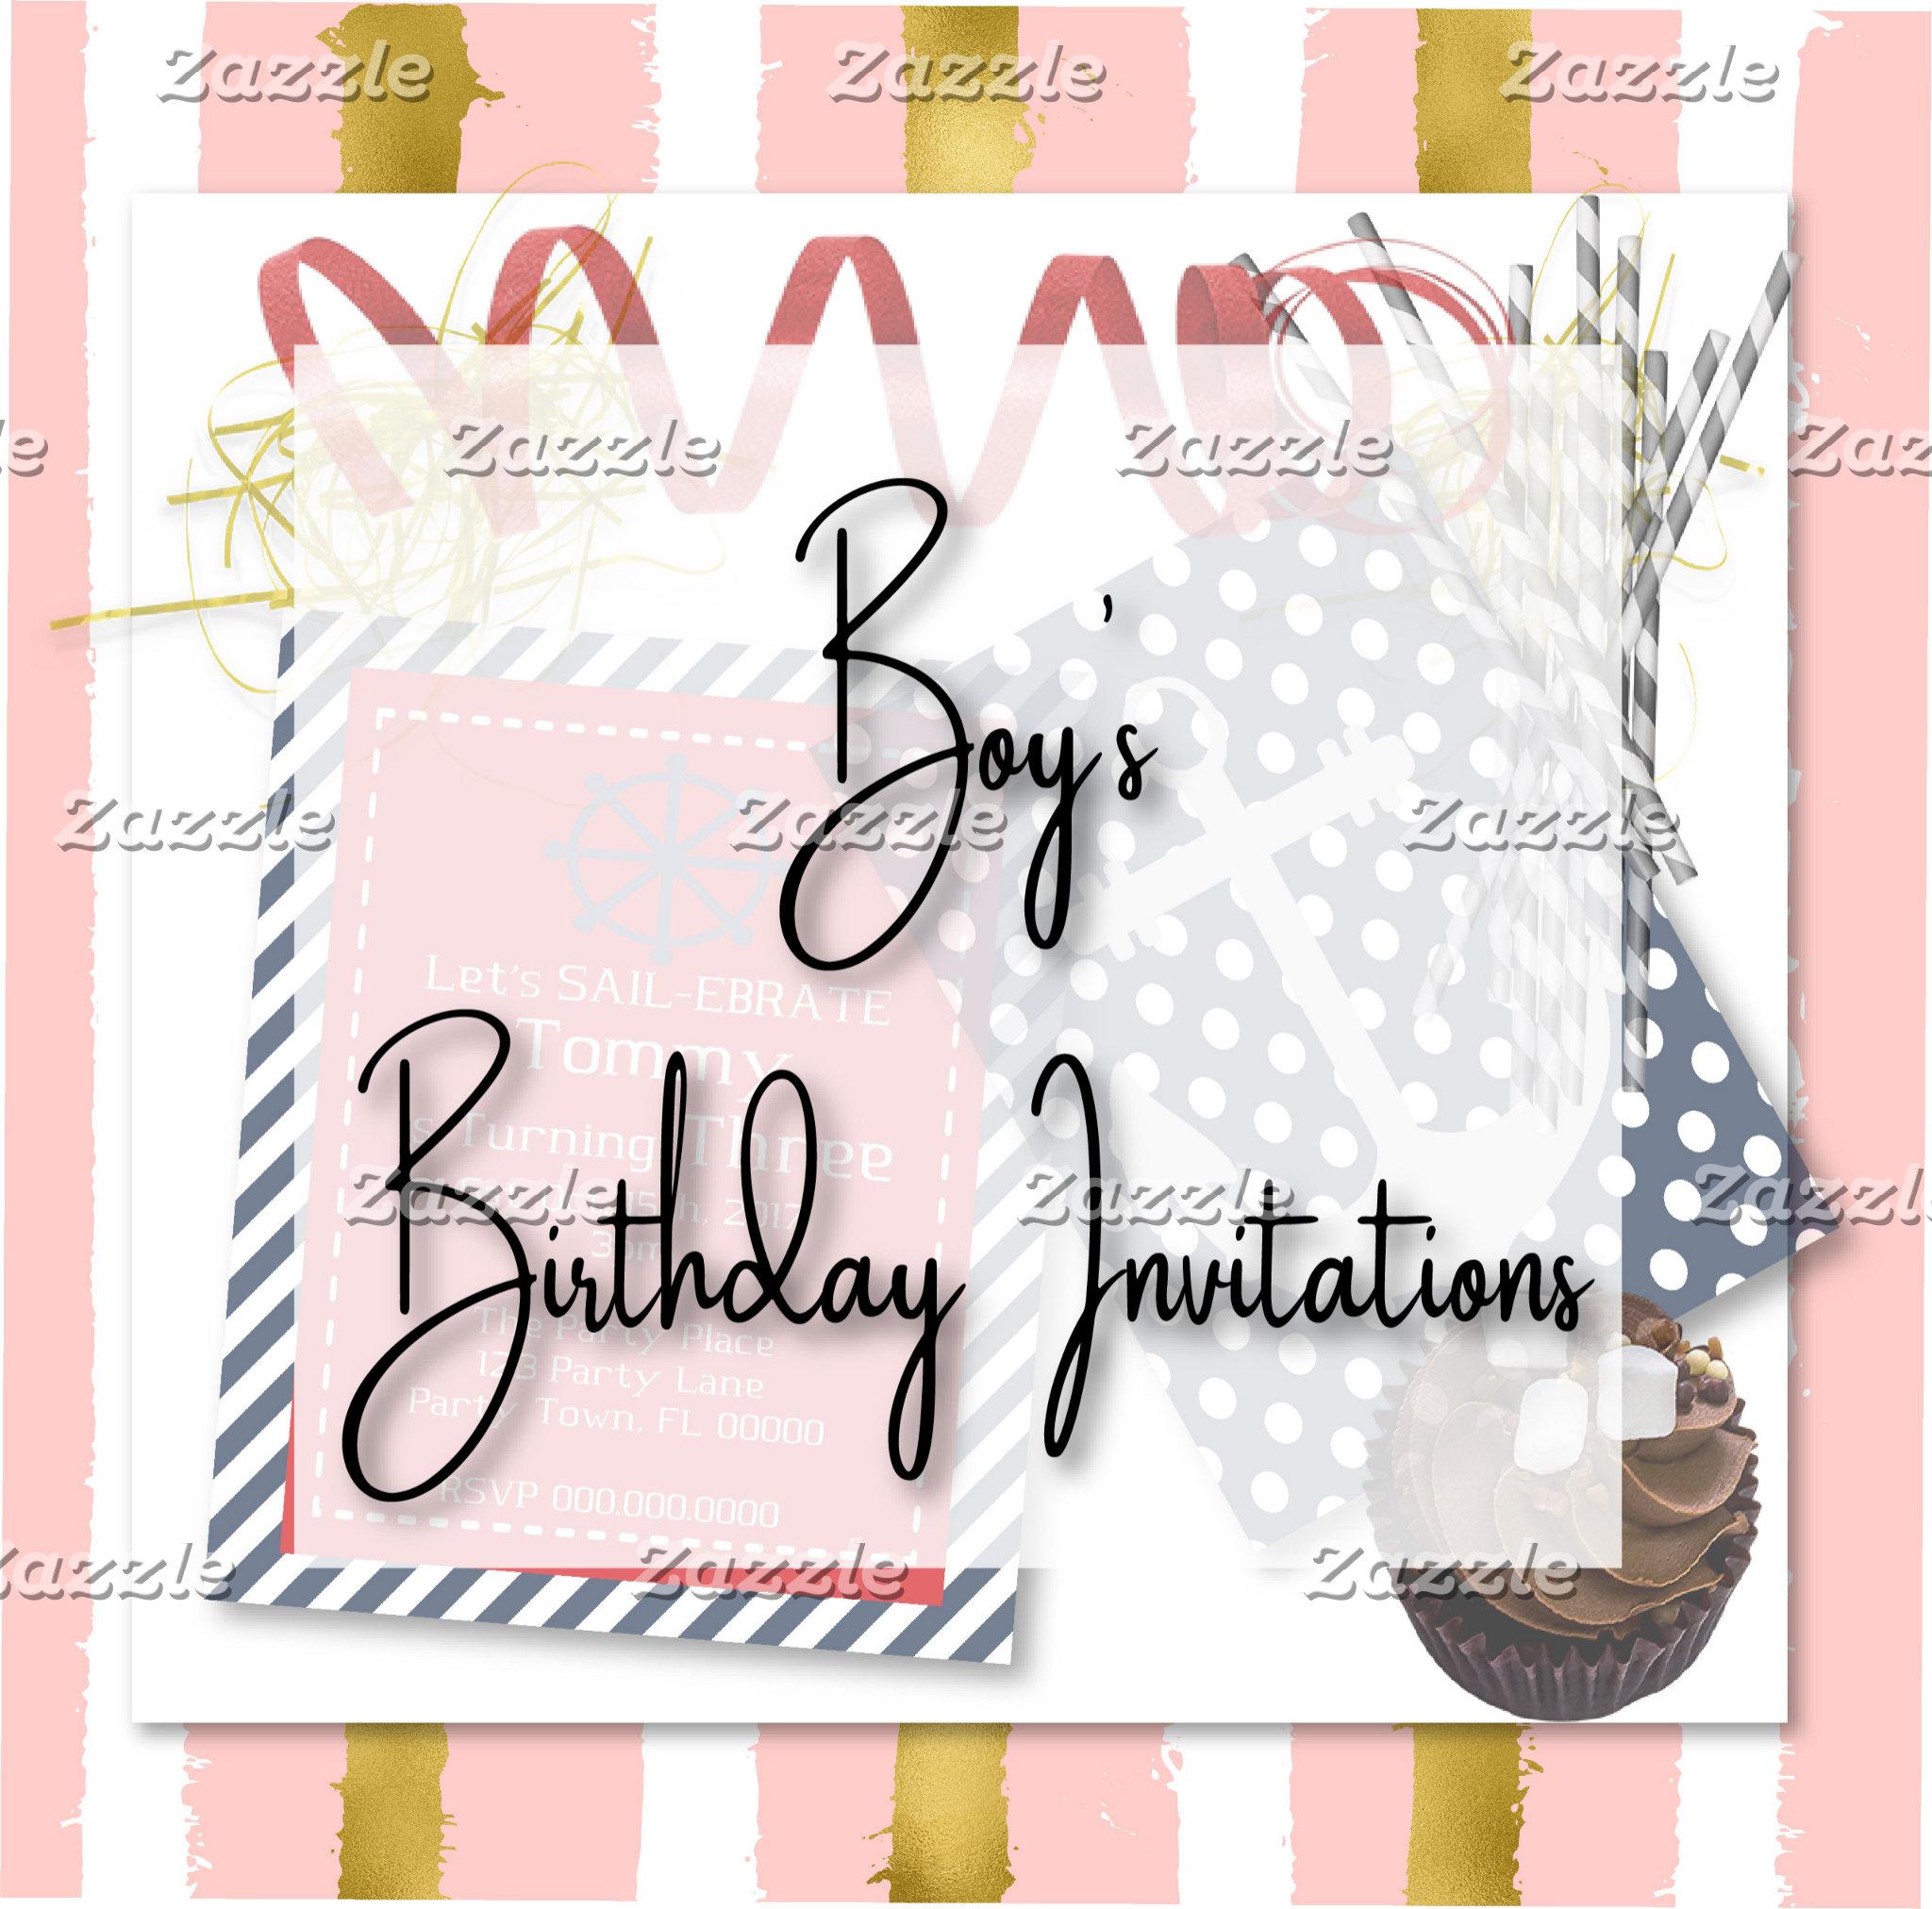 Boy's Birthday Invitations